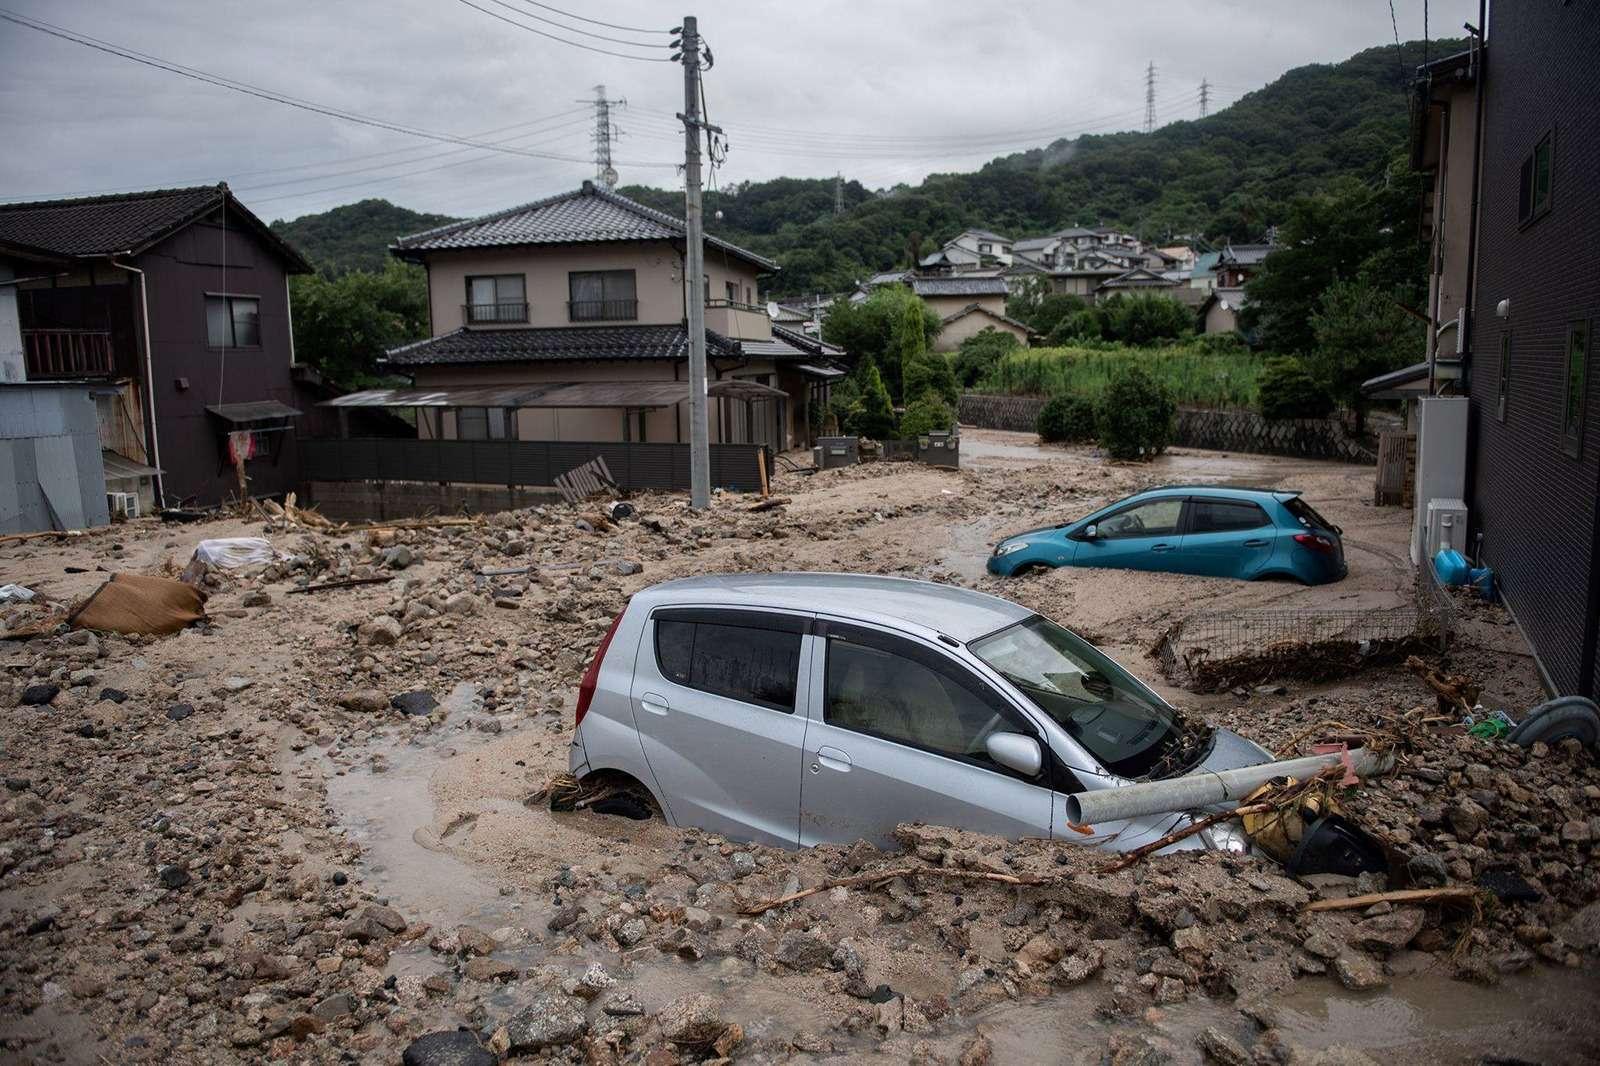 Наводнение вЯпонии: тысячи утопленных машин. Ждем ихвРоссии?— фото 886650